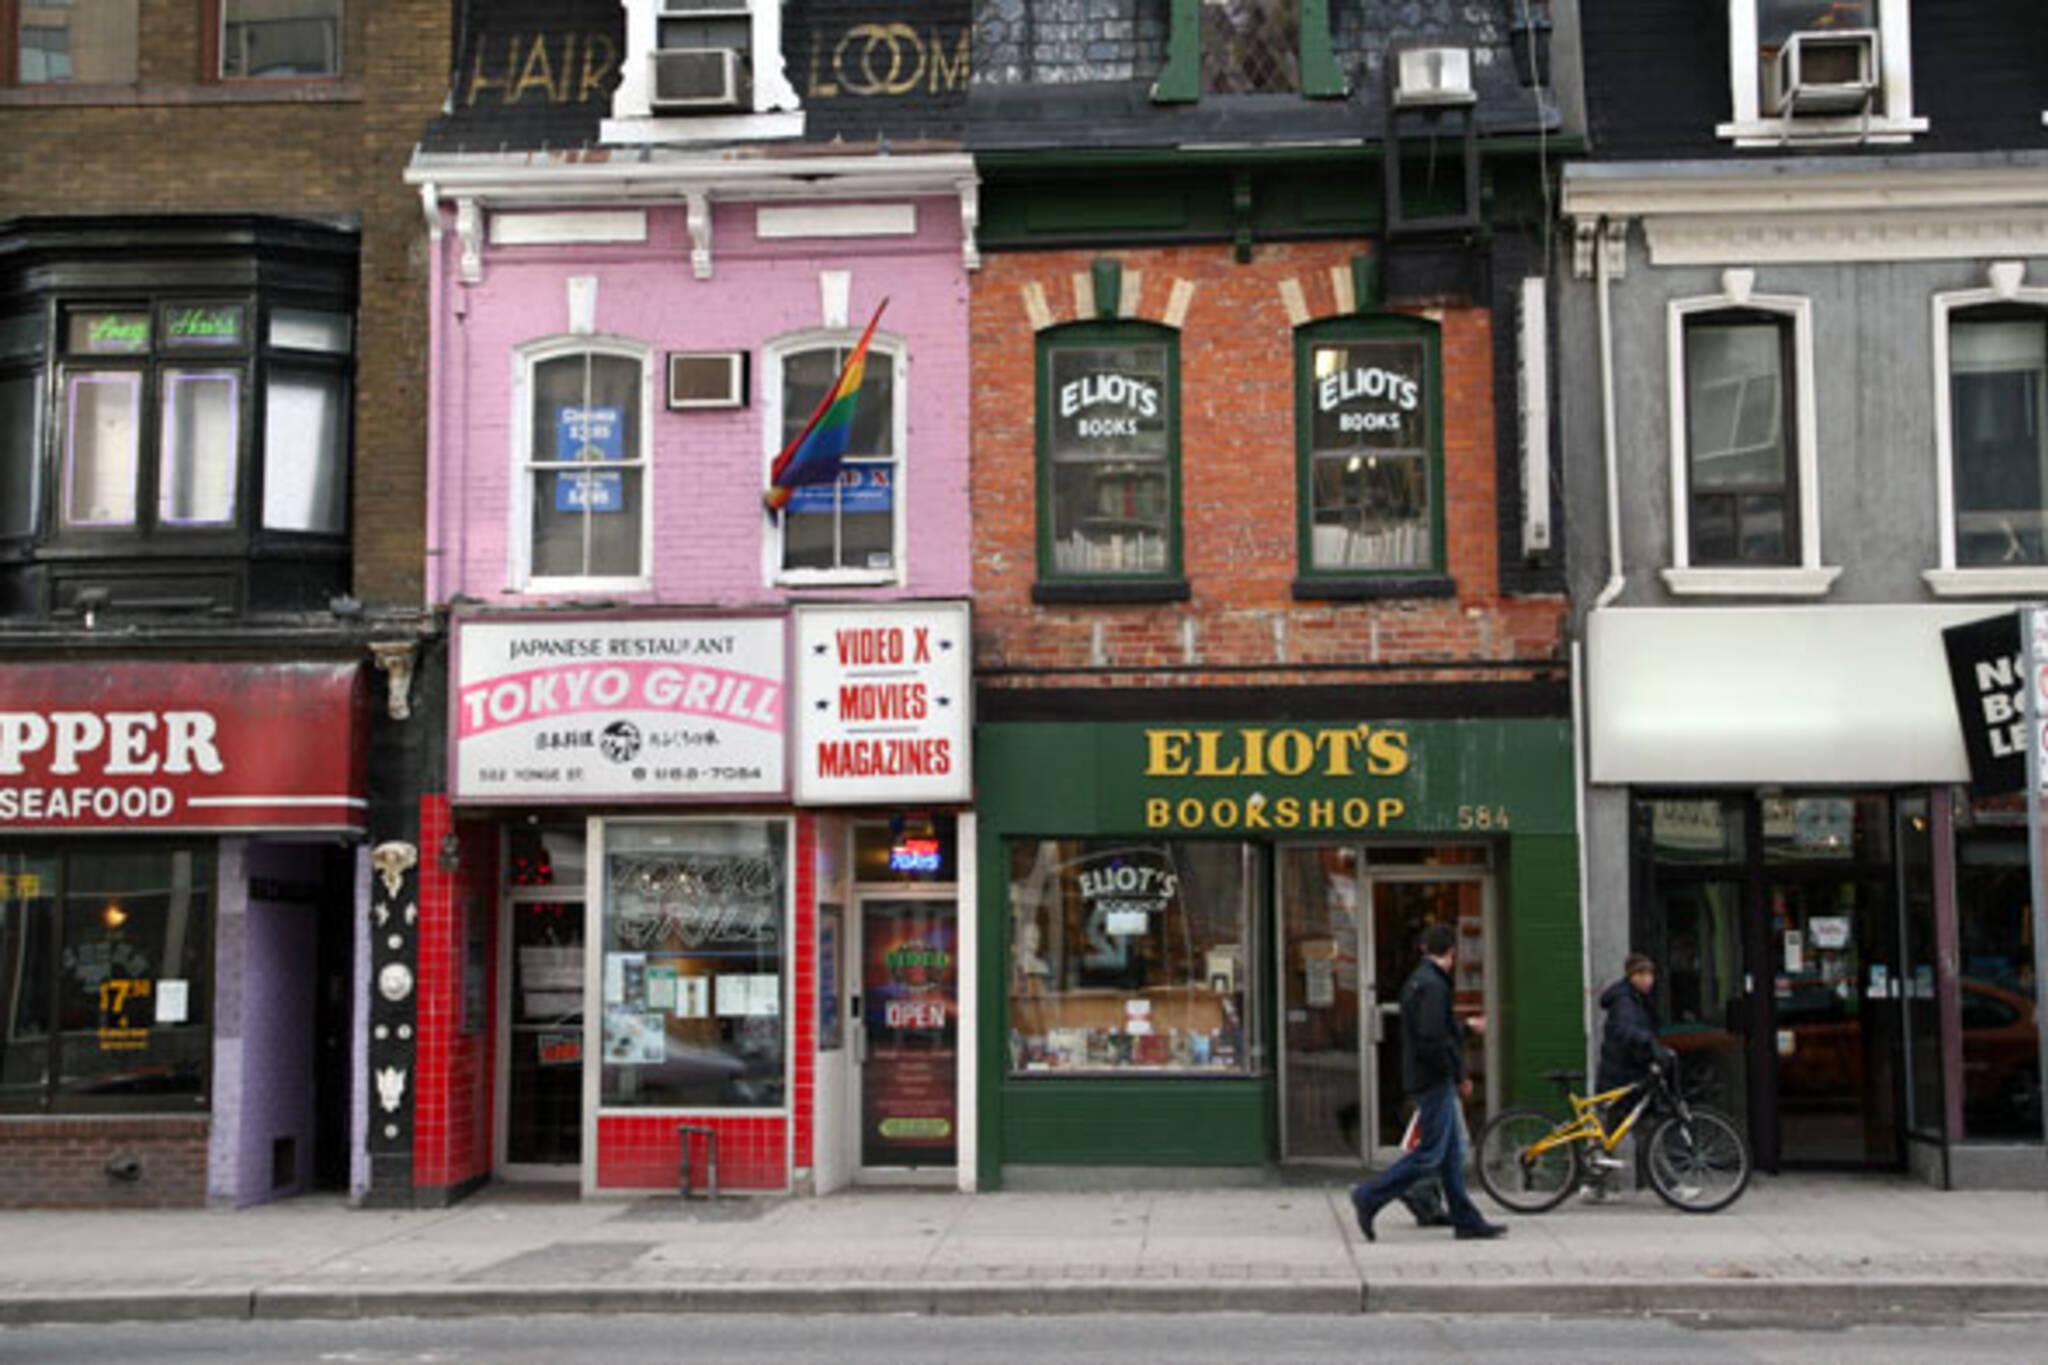 Eliot's Bookshop